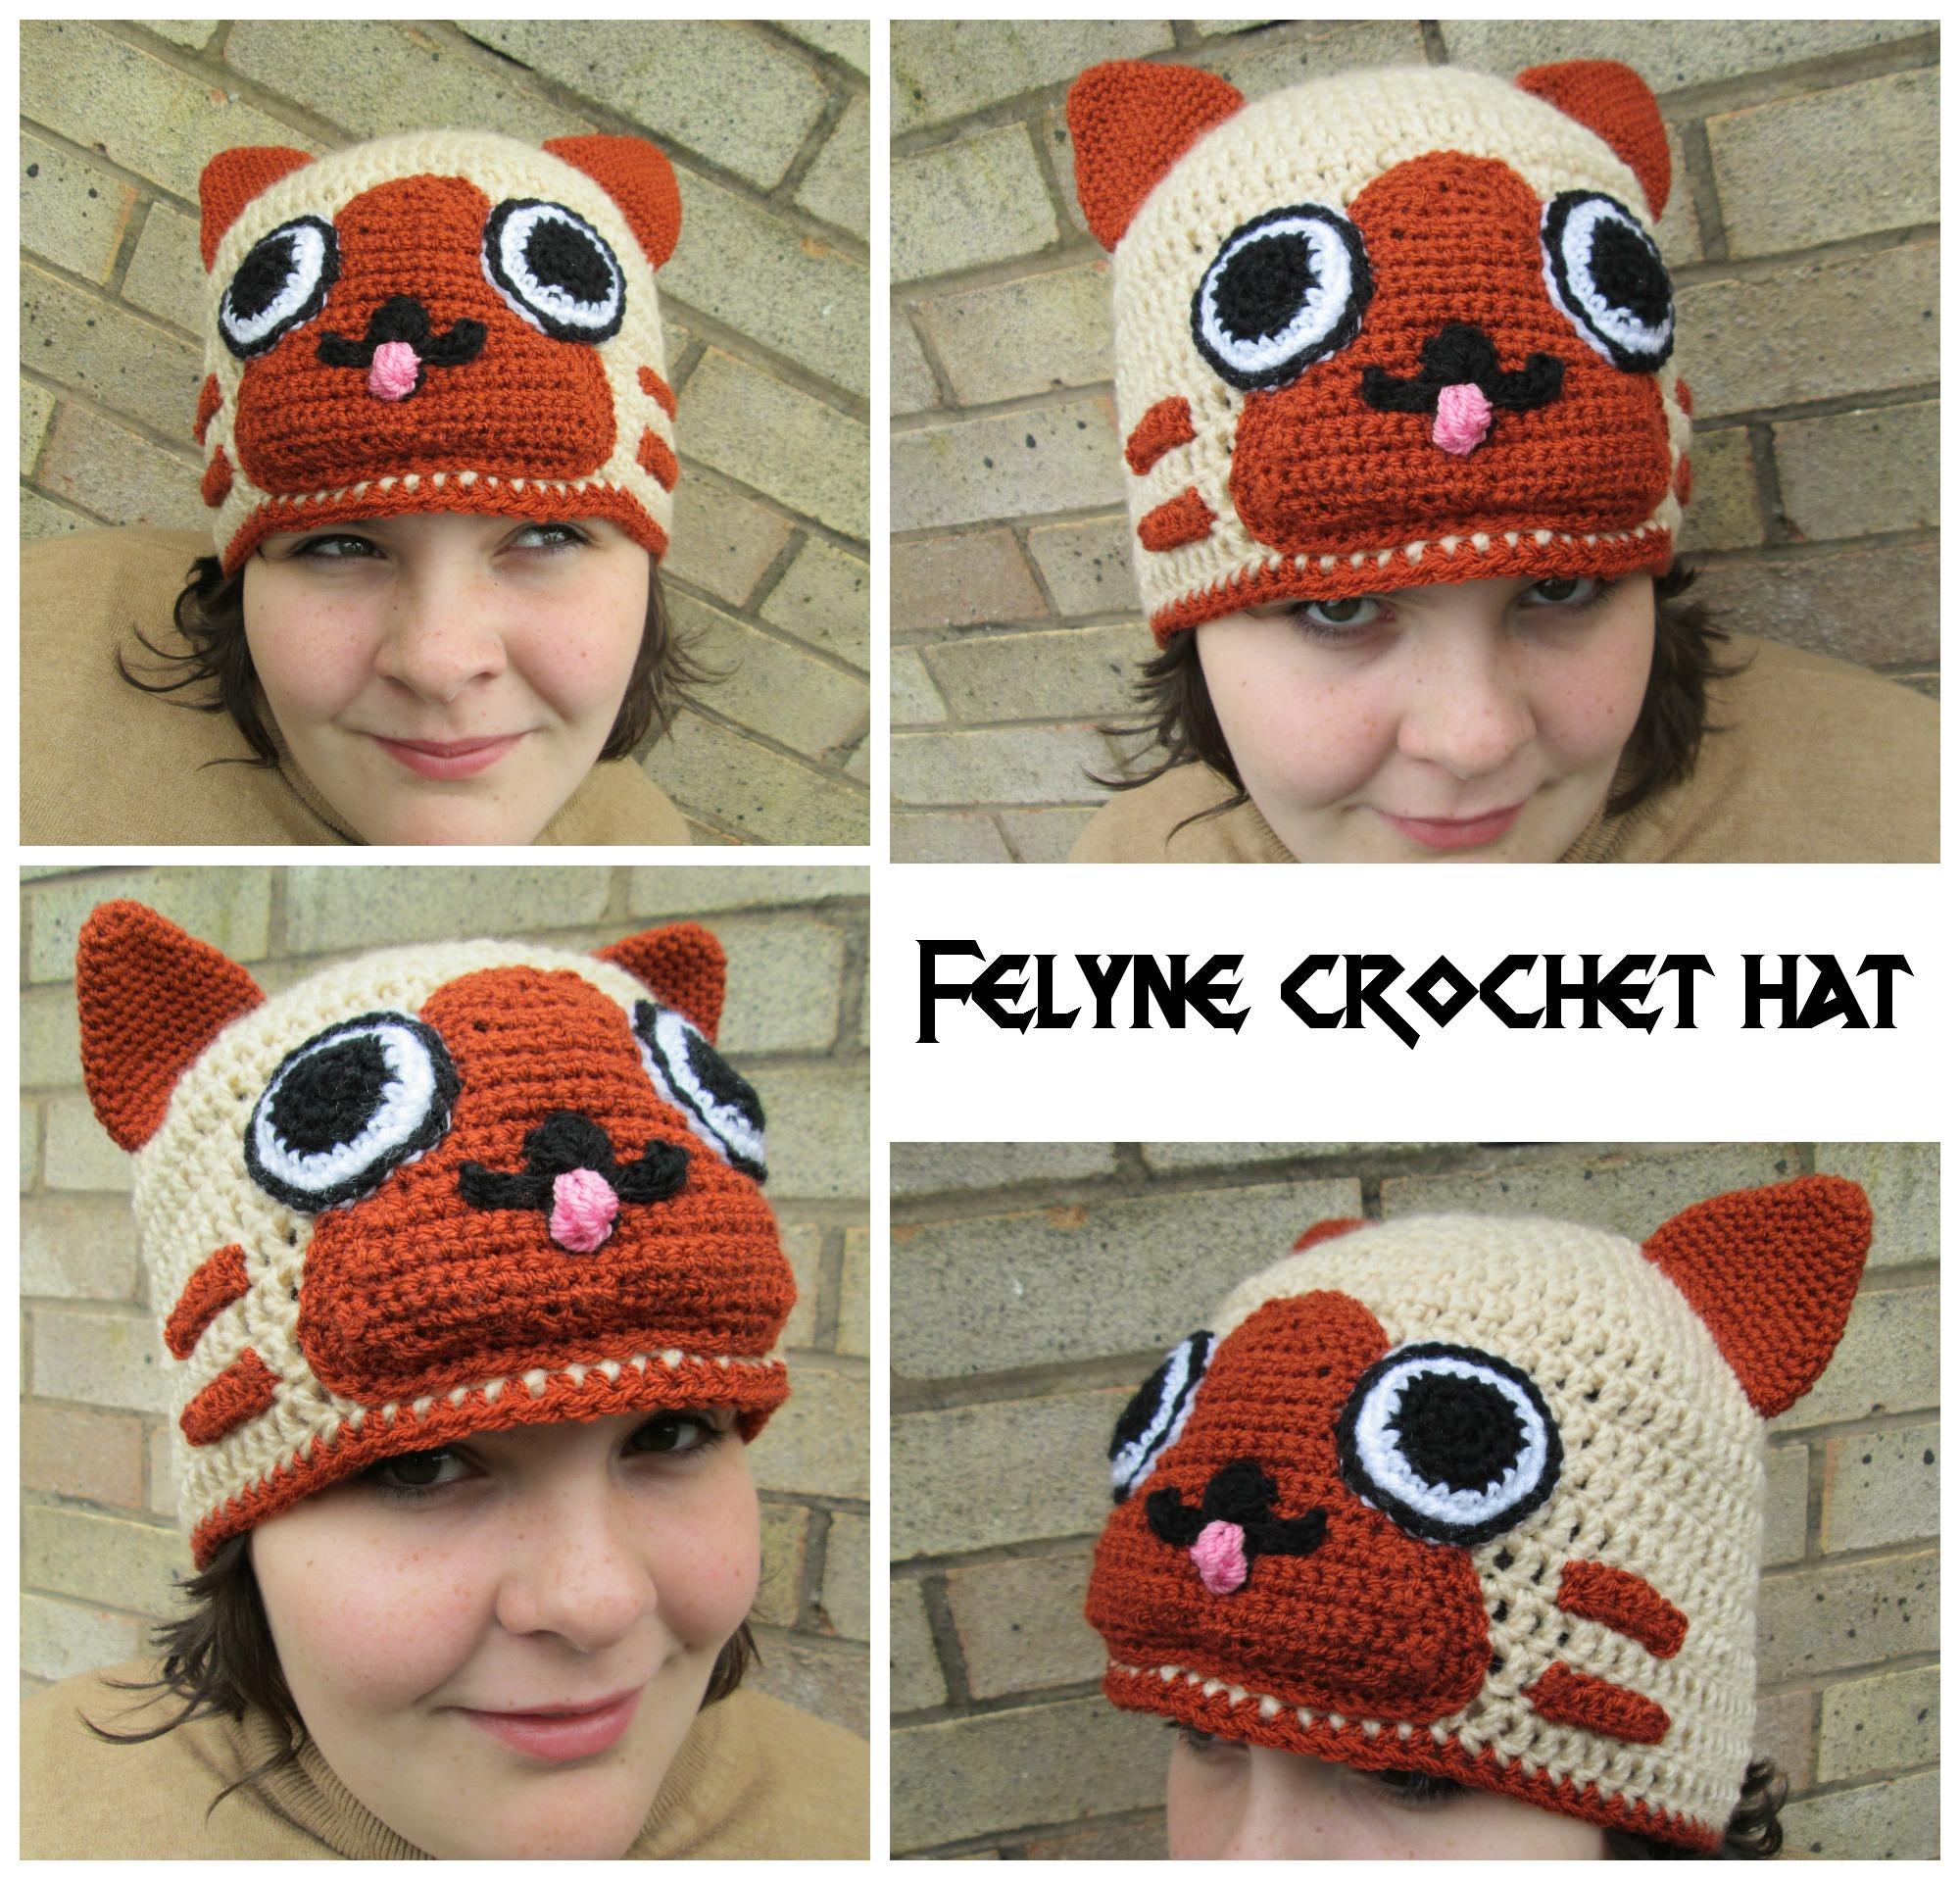 FELYNE CROCHET HAT PATTERN | Mistybelle Crochet